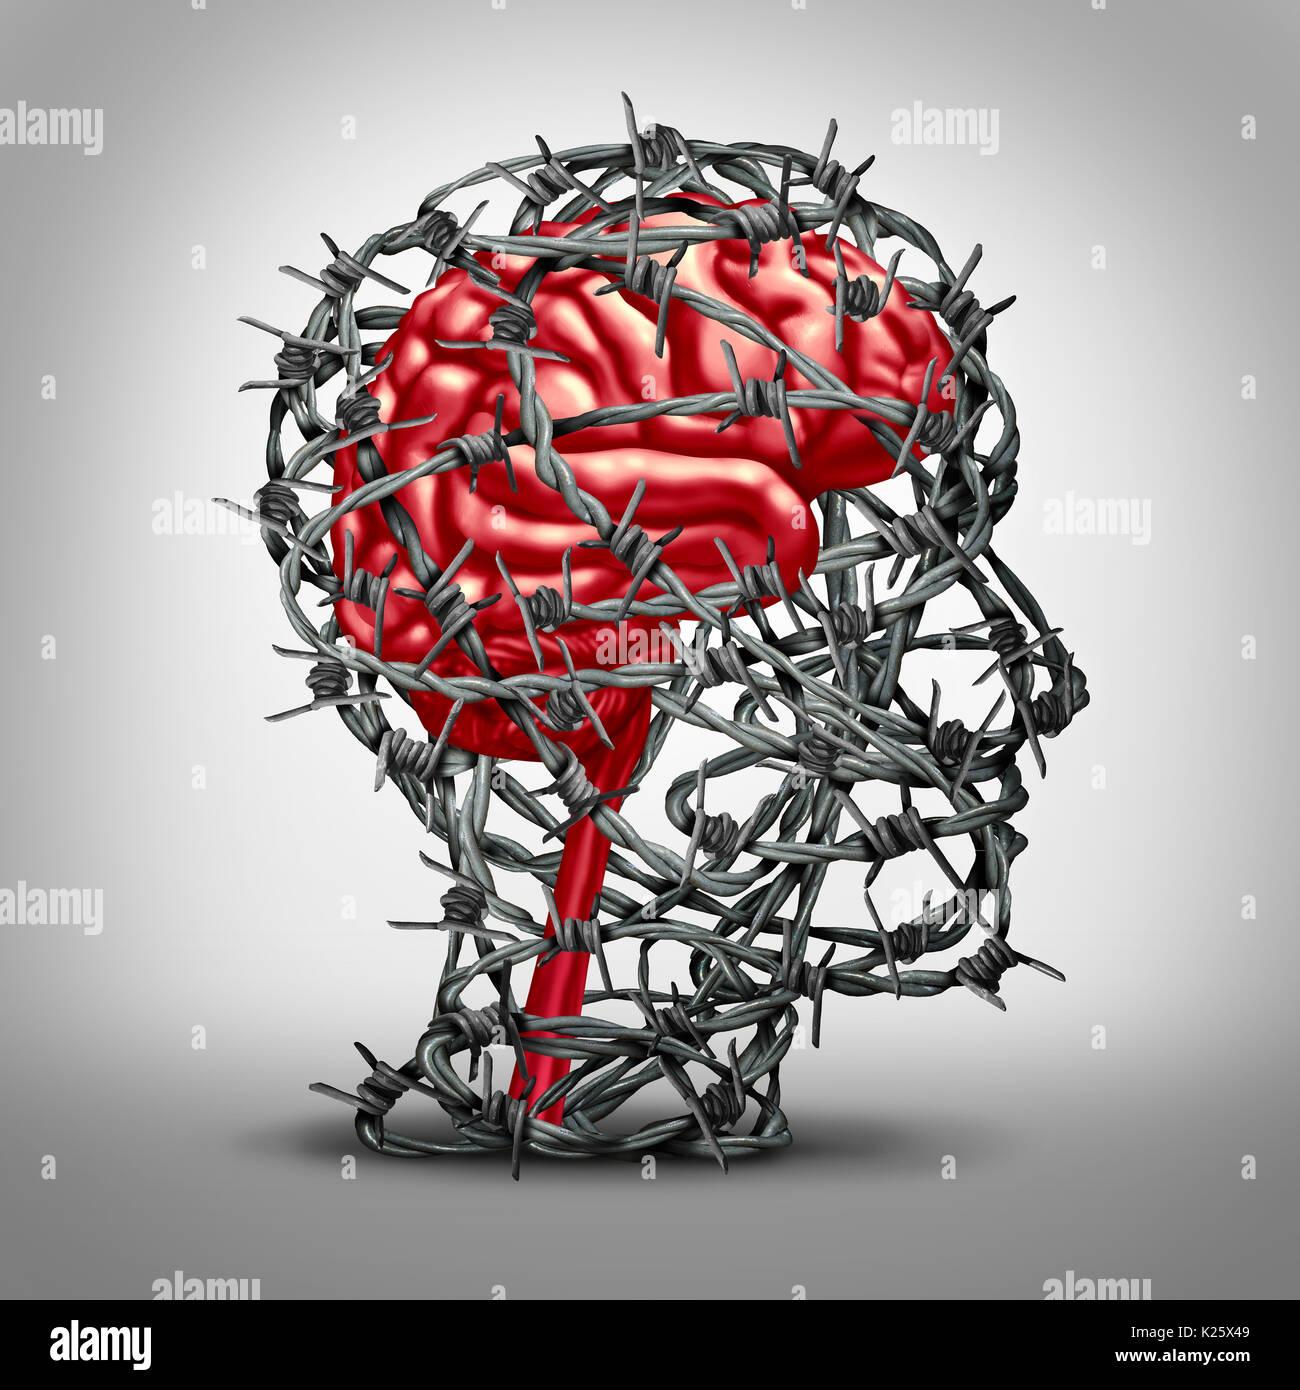 Cervello il concetto di protezione e proteggere la mente icona come la salute mentale medicina idea con un pensiero Foto Stock